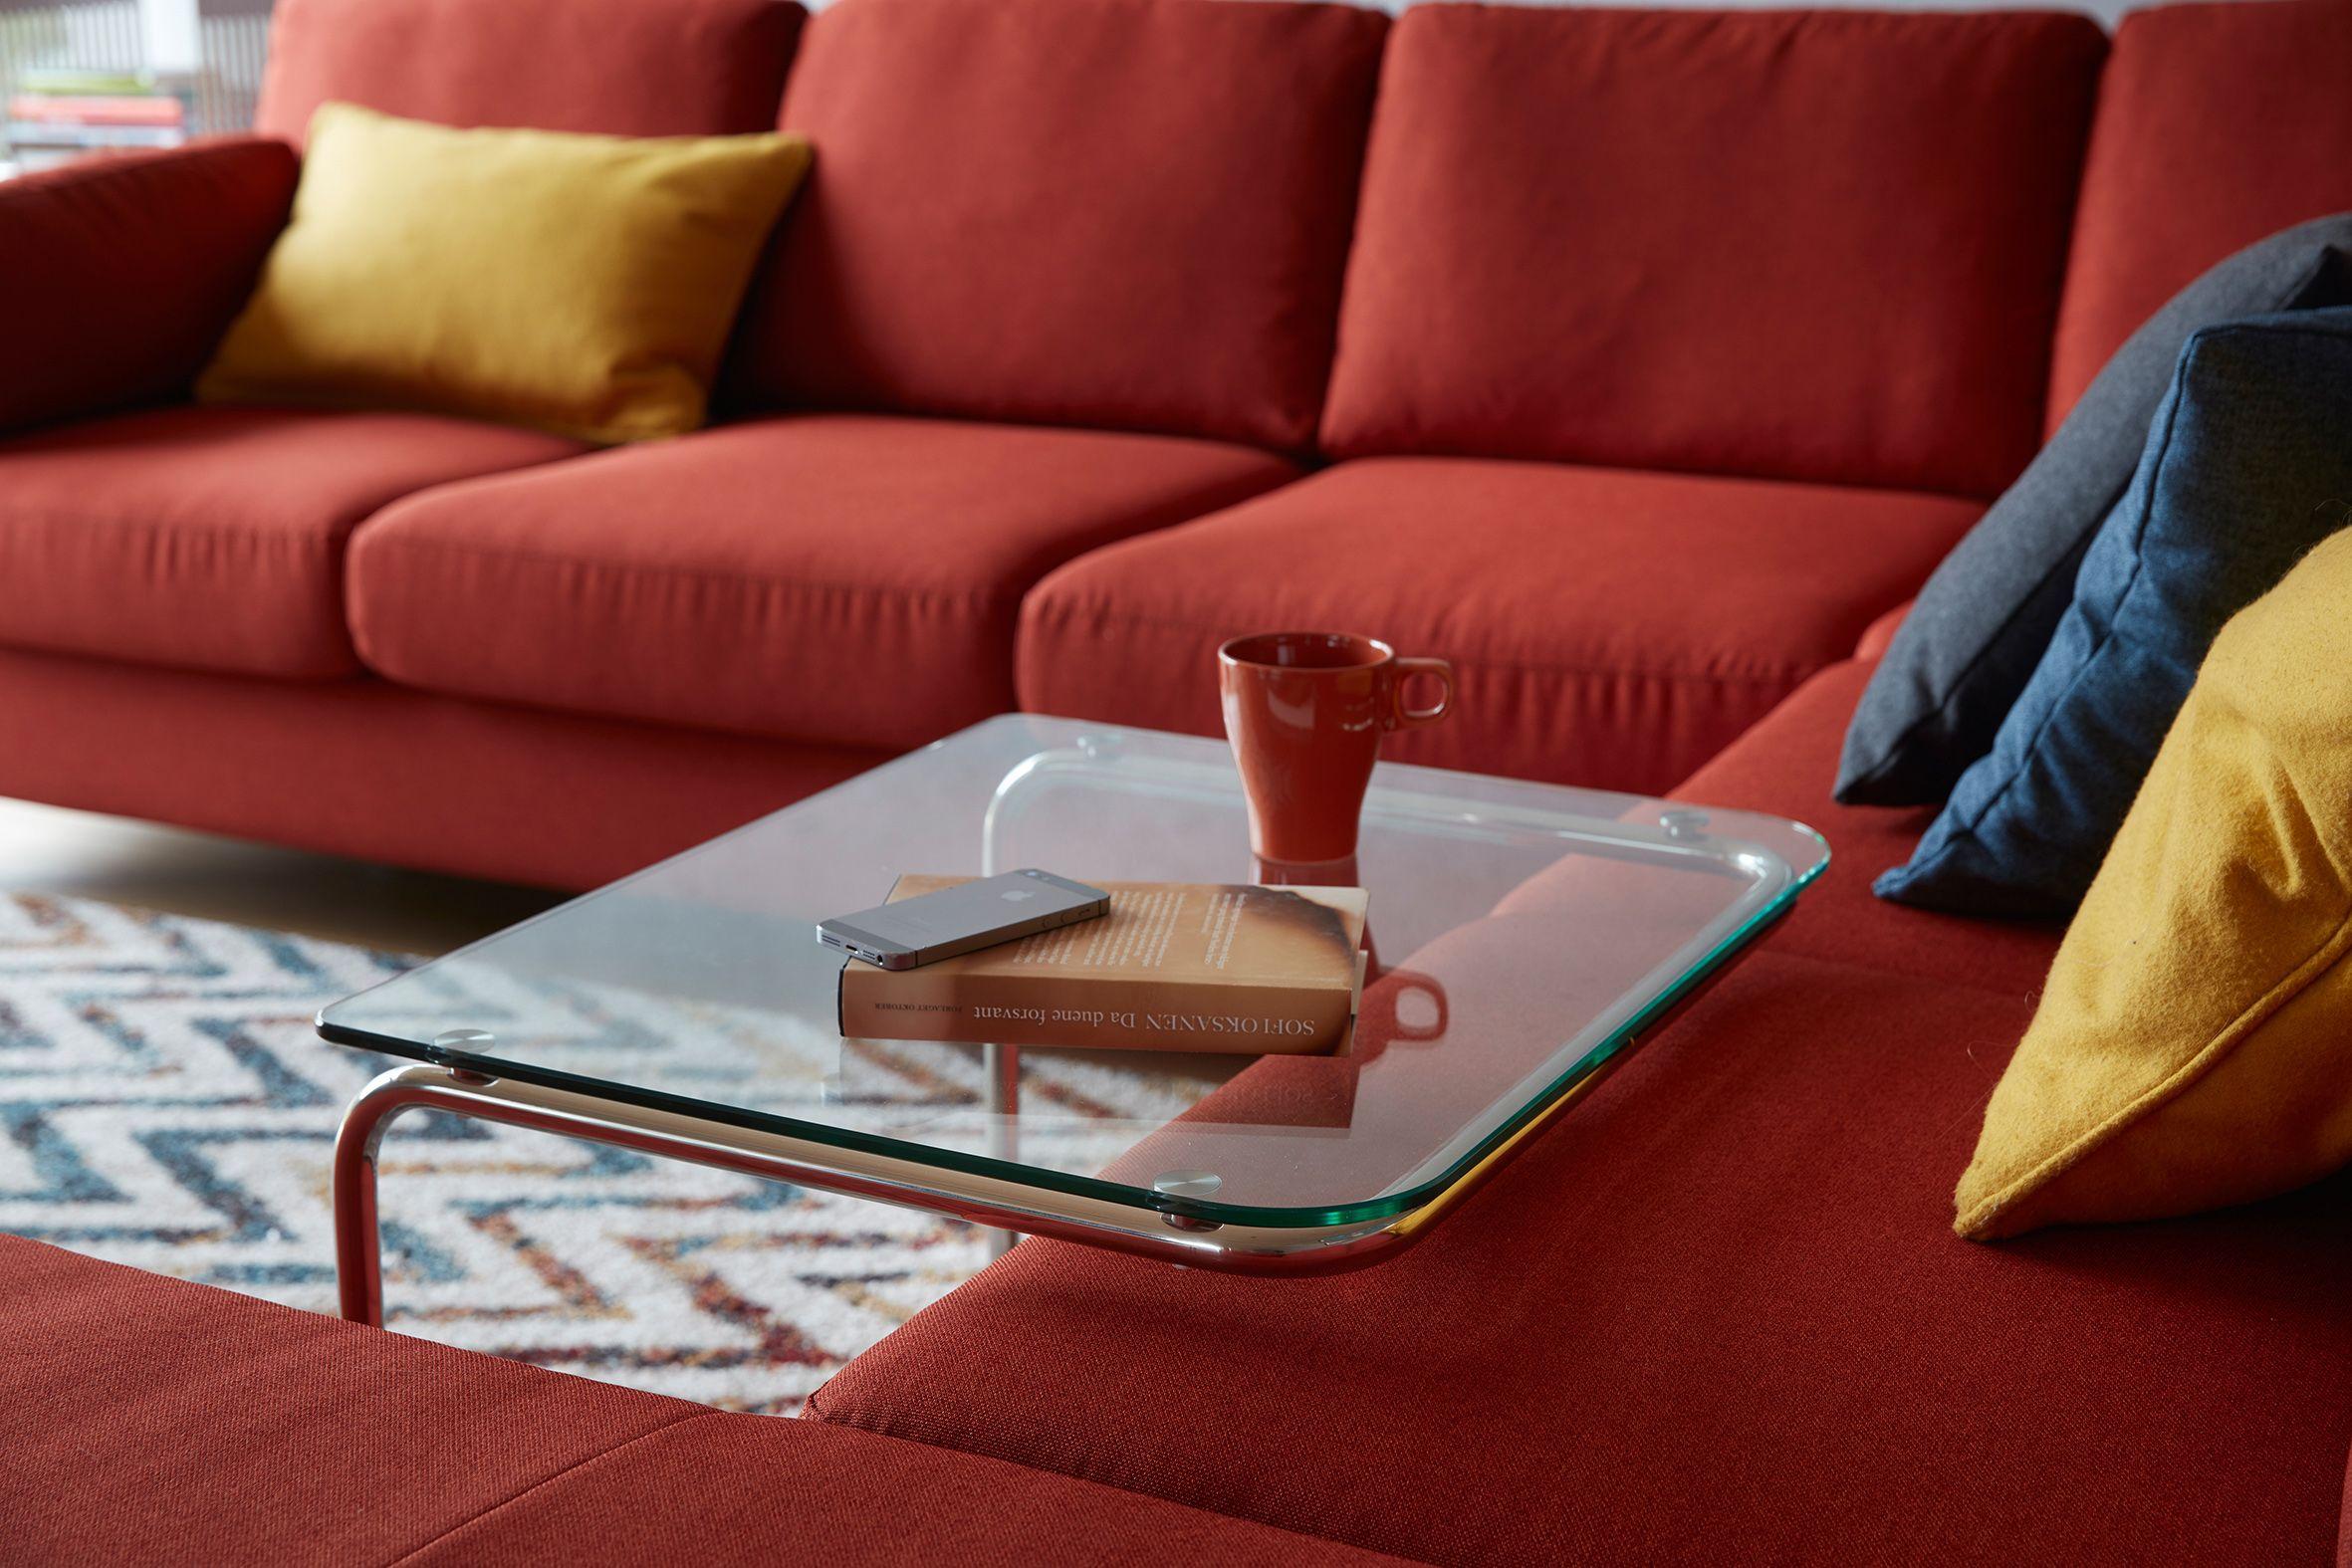 Flexibel einsatzbar der Stressless Coffee Table Beistelltisch